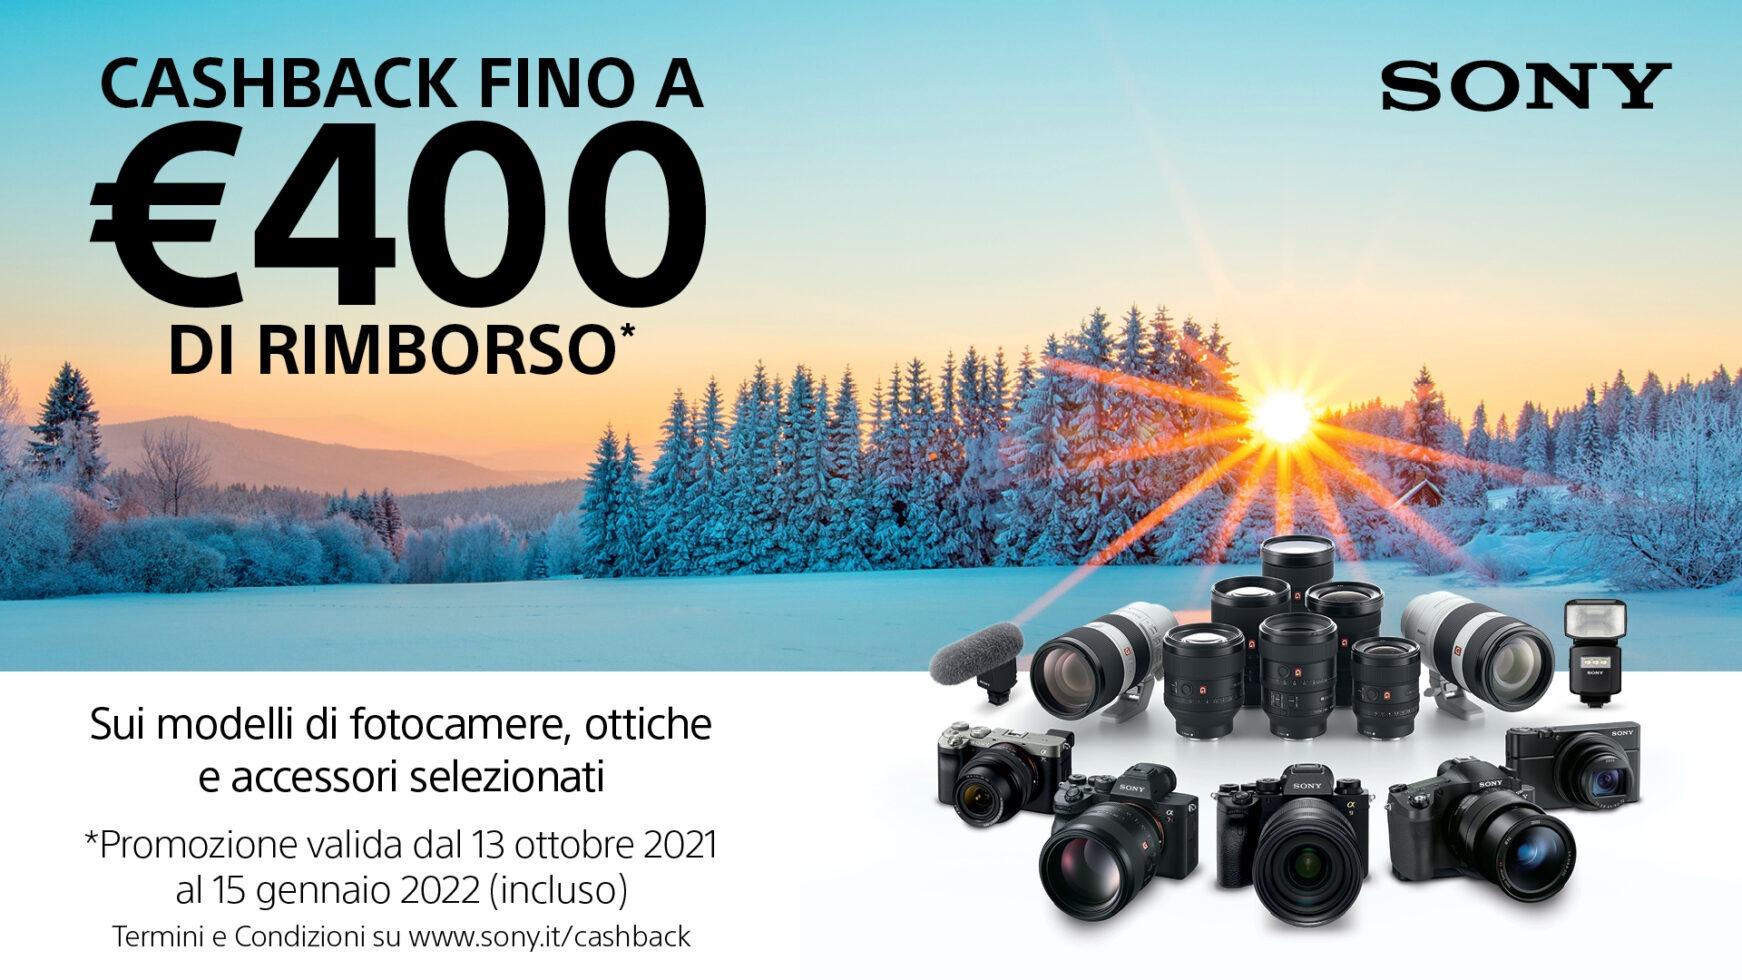 Sony Cashback inverno 2021